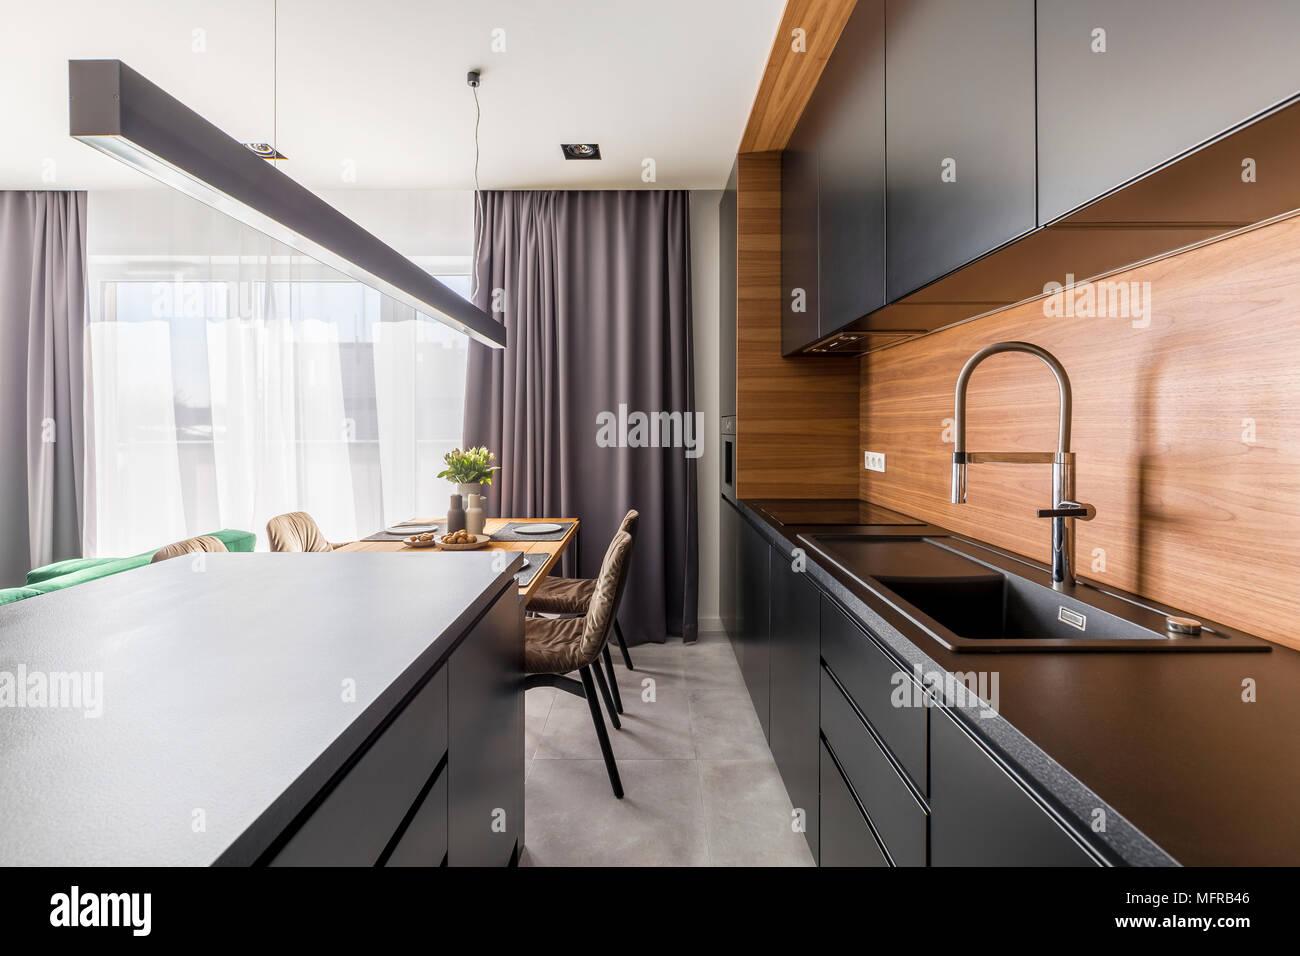 Küche Stahl Holz | Küchenarbeitsplatte Wikipedia